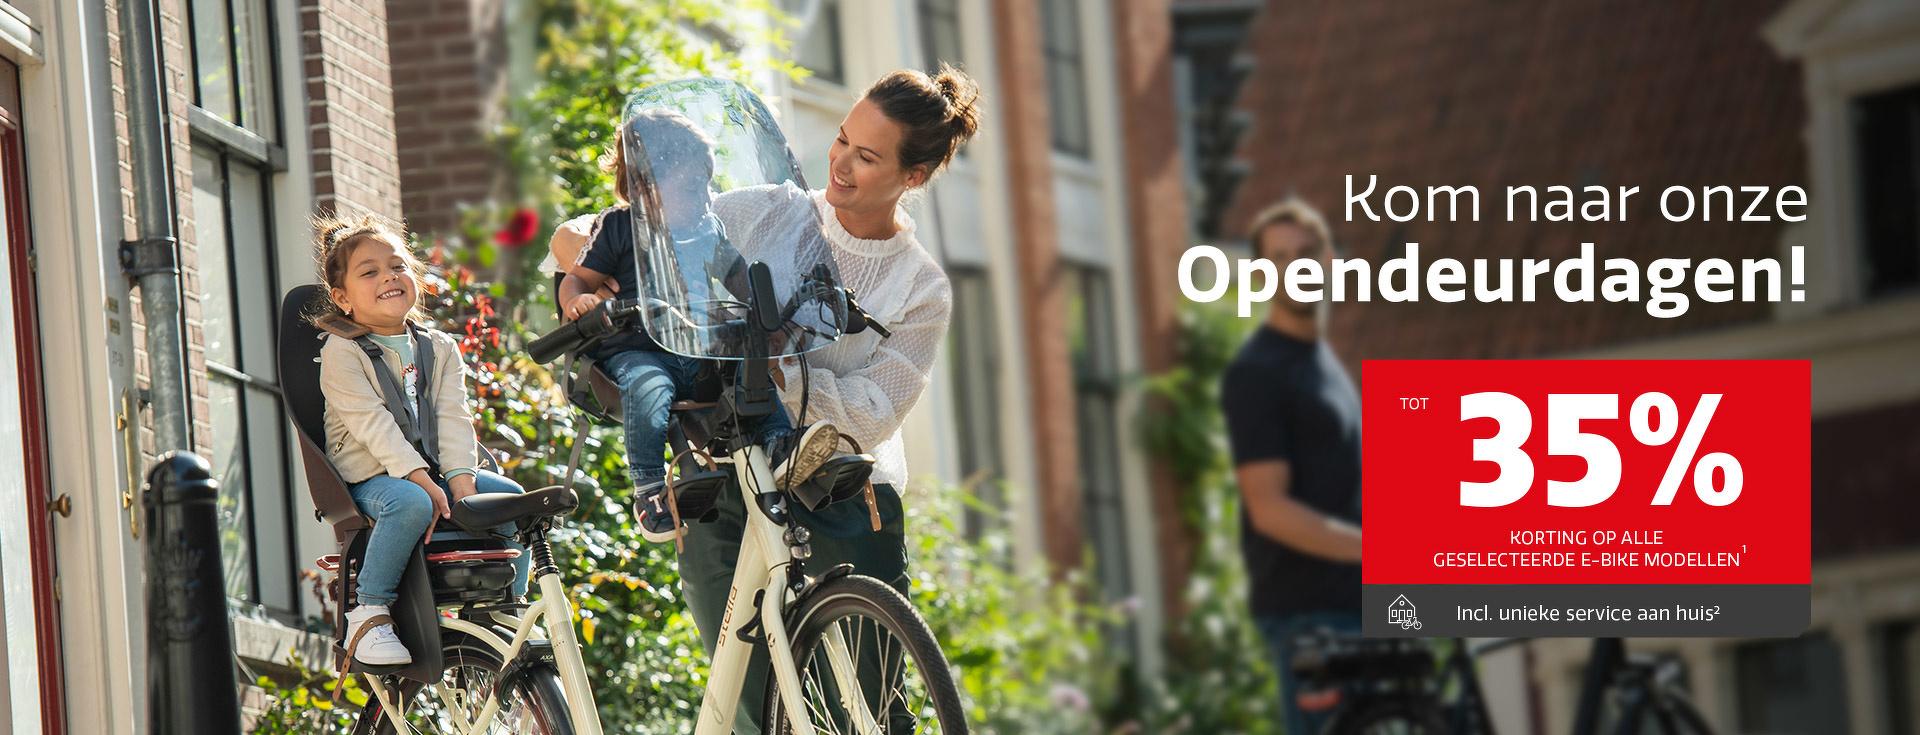 Kom naar onze Opendeurdagen!